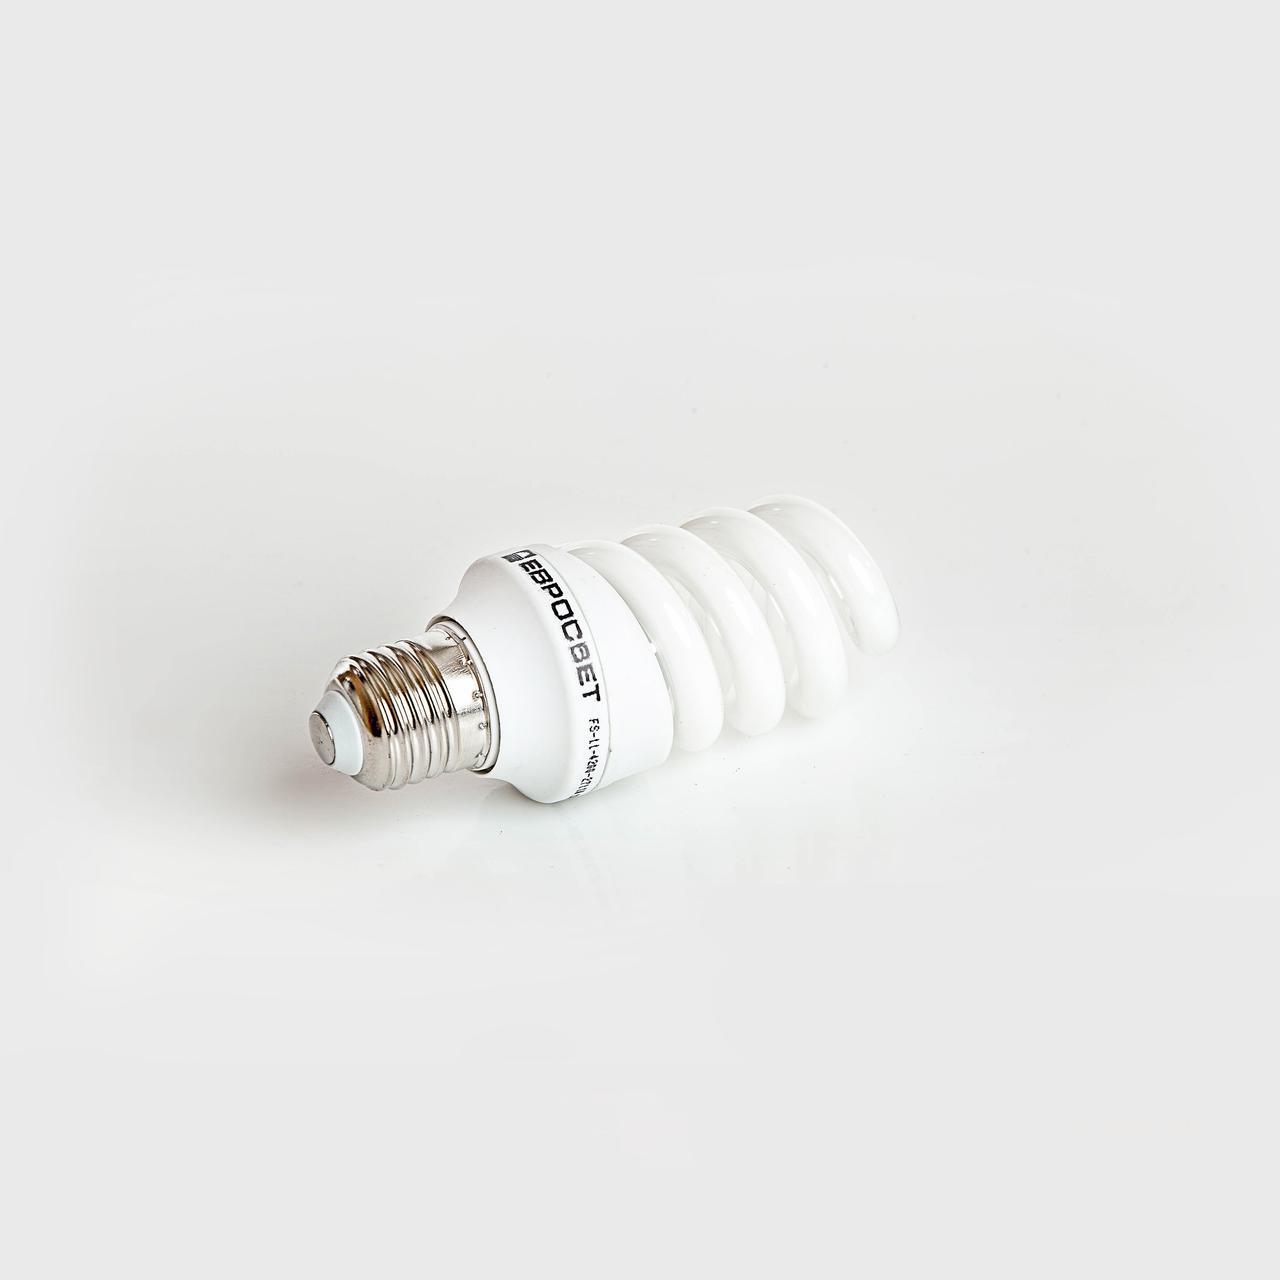 Лампа энергосберегающая 11W E27 4200K FS-11-4200-27